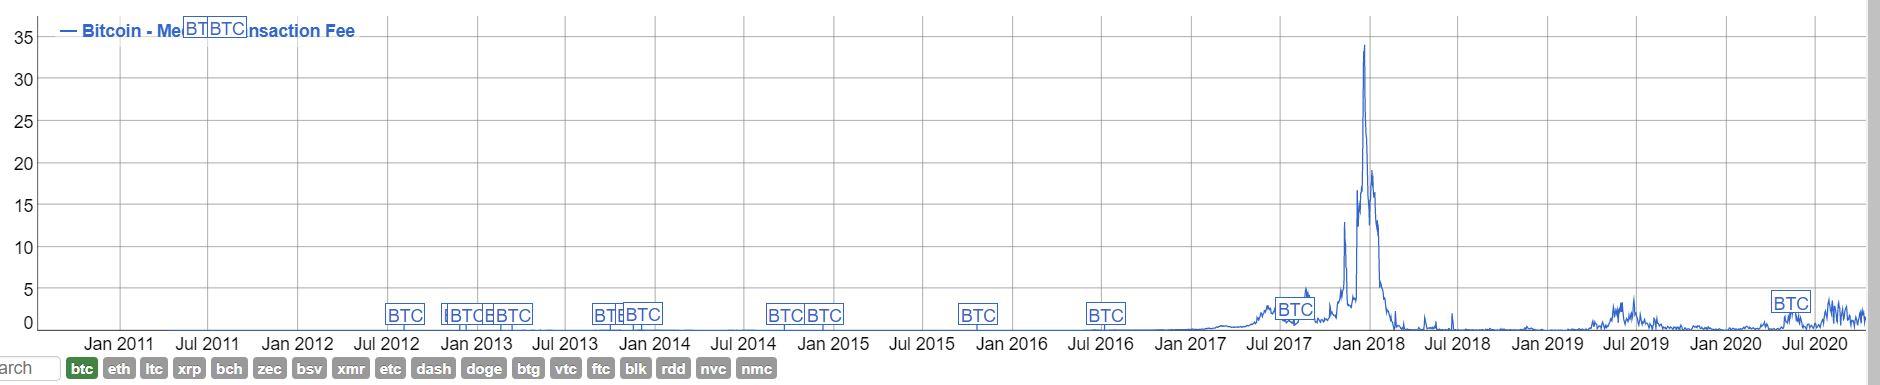 На графике представлены изменения комиссий в сети биткоина